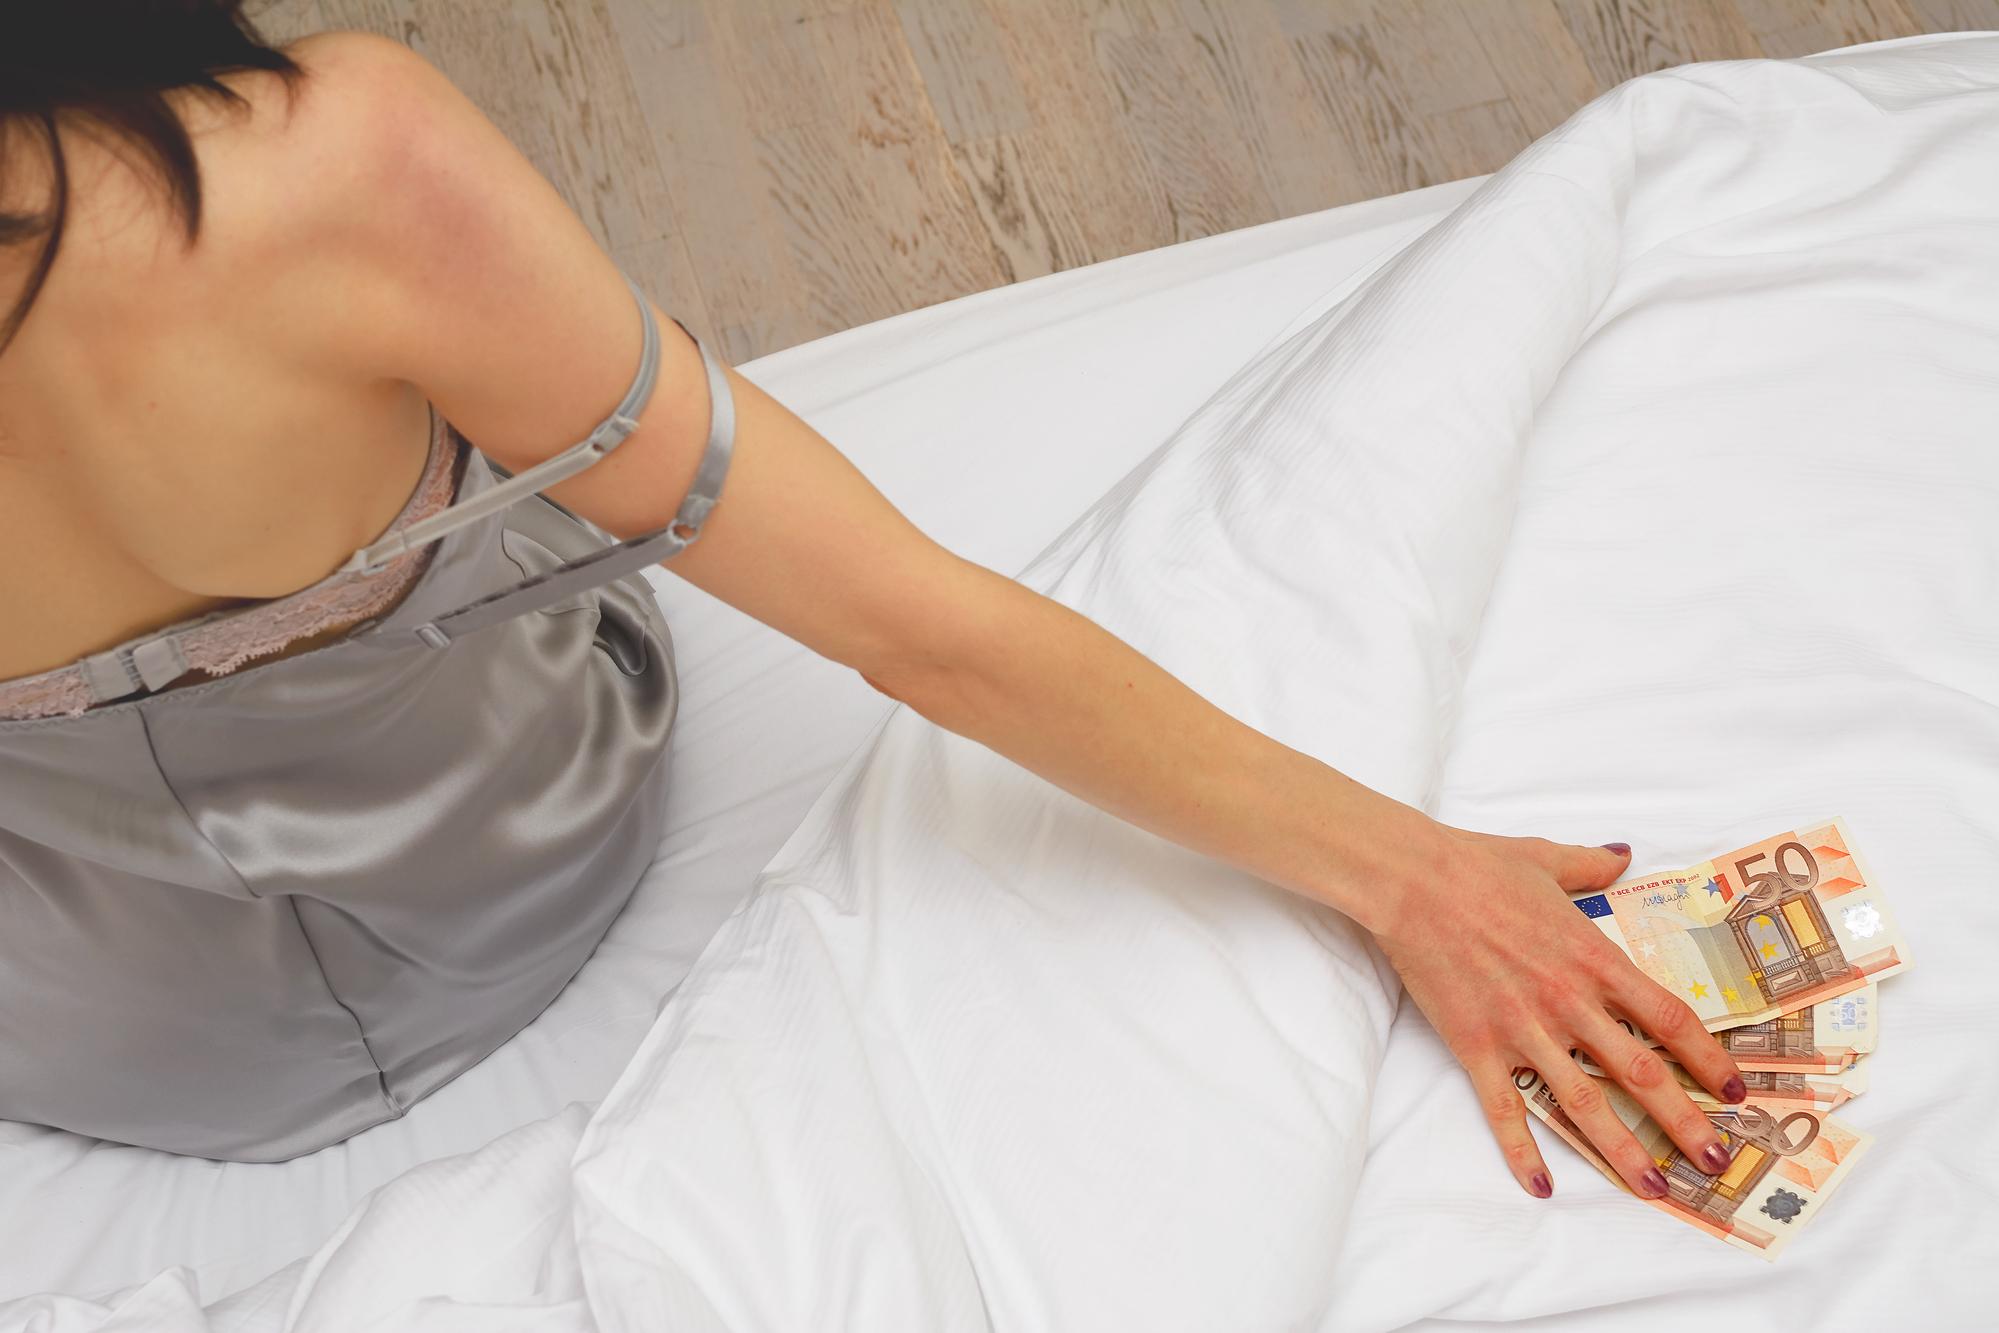 סקס וכסף – האם עשירים טובים יותר במיטה?